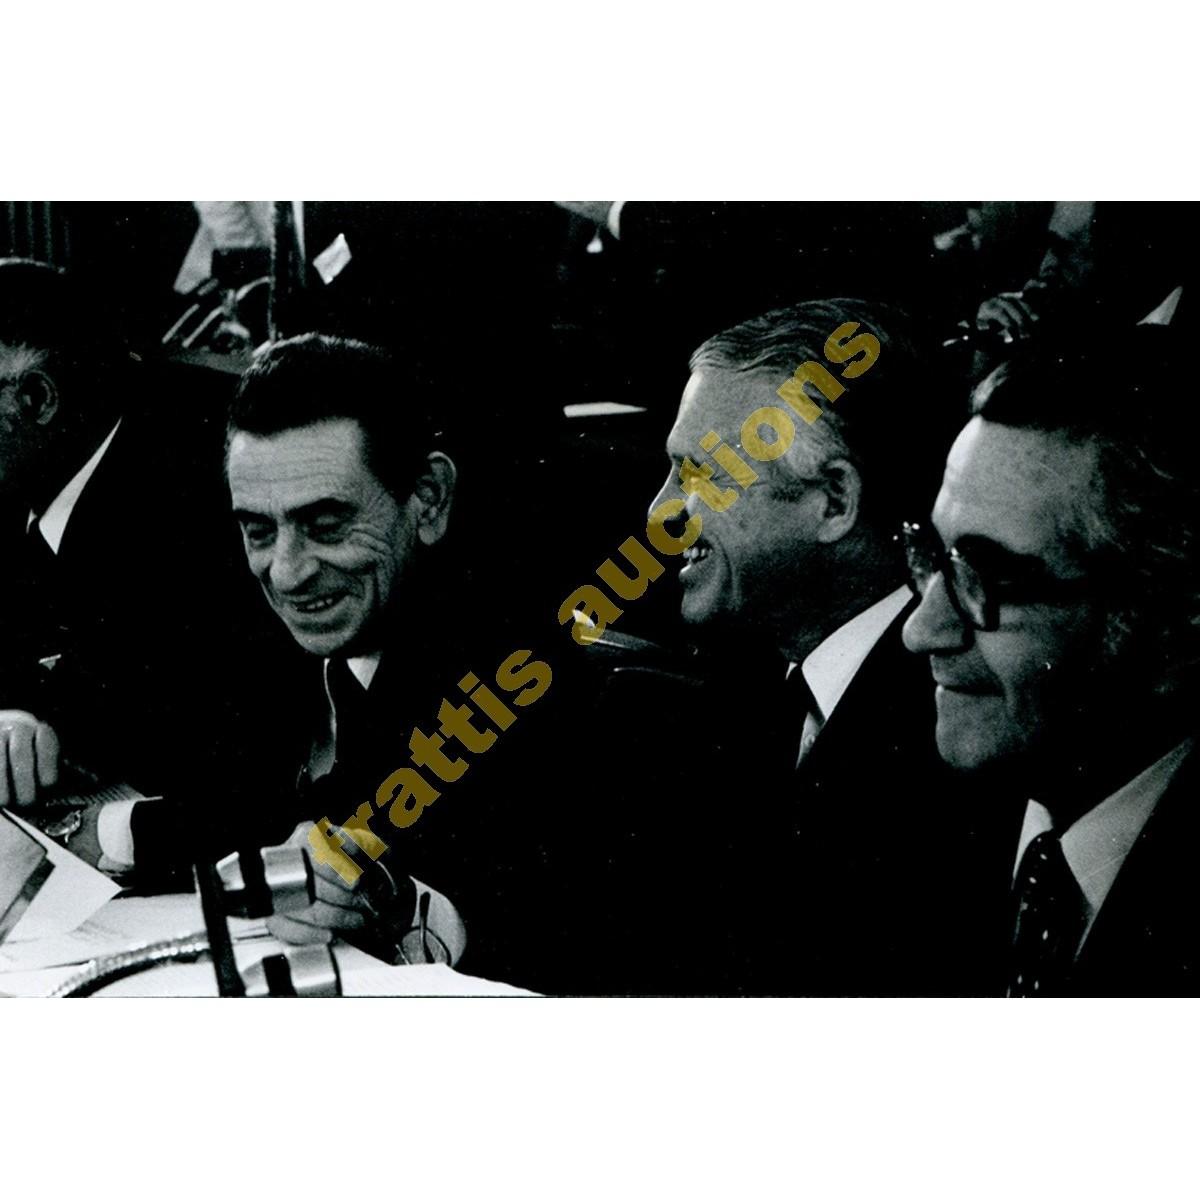 ΠΑΠΑΛΗΓΟΥΡΑΣ ΠΑΝΑΓΗΣ (1917-1993)